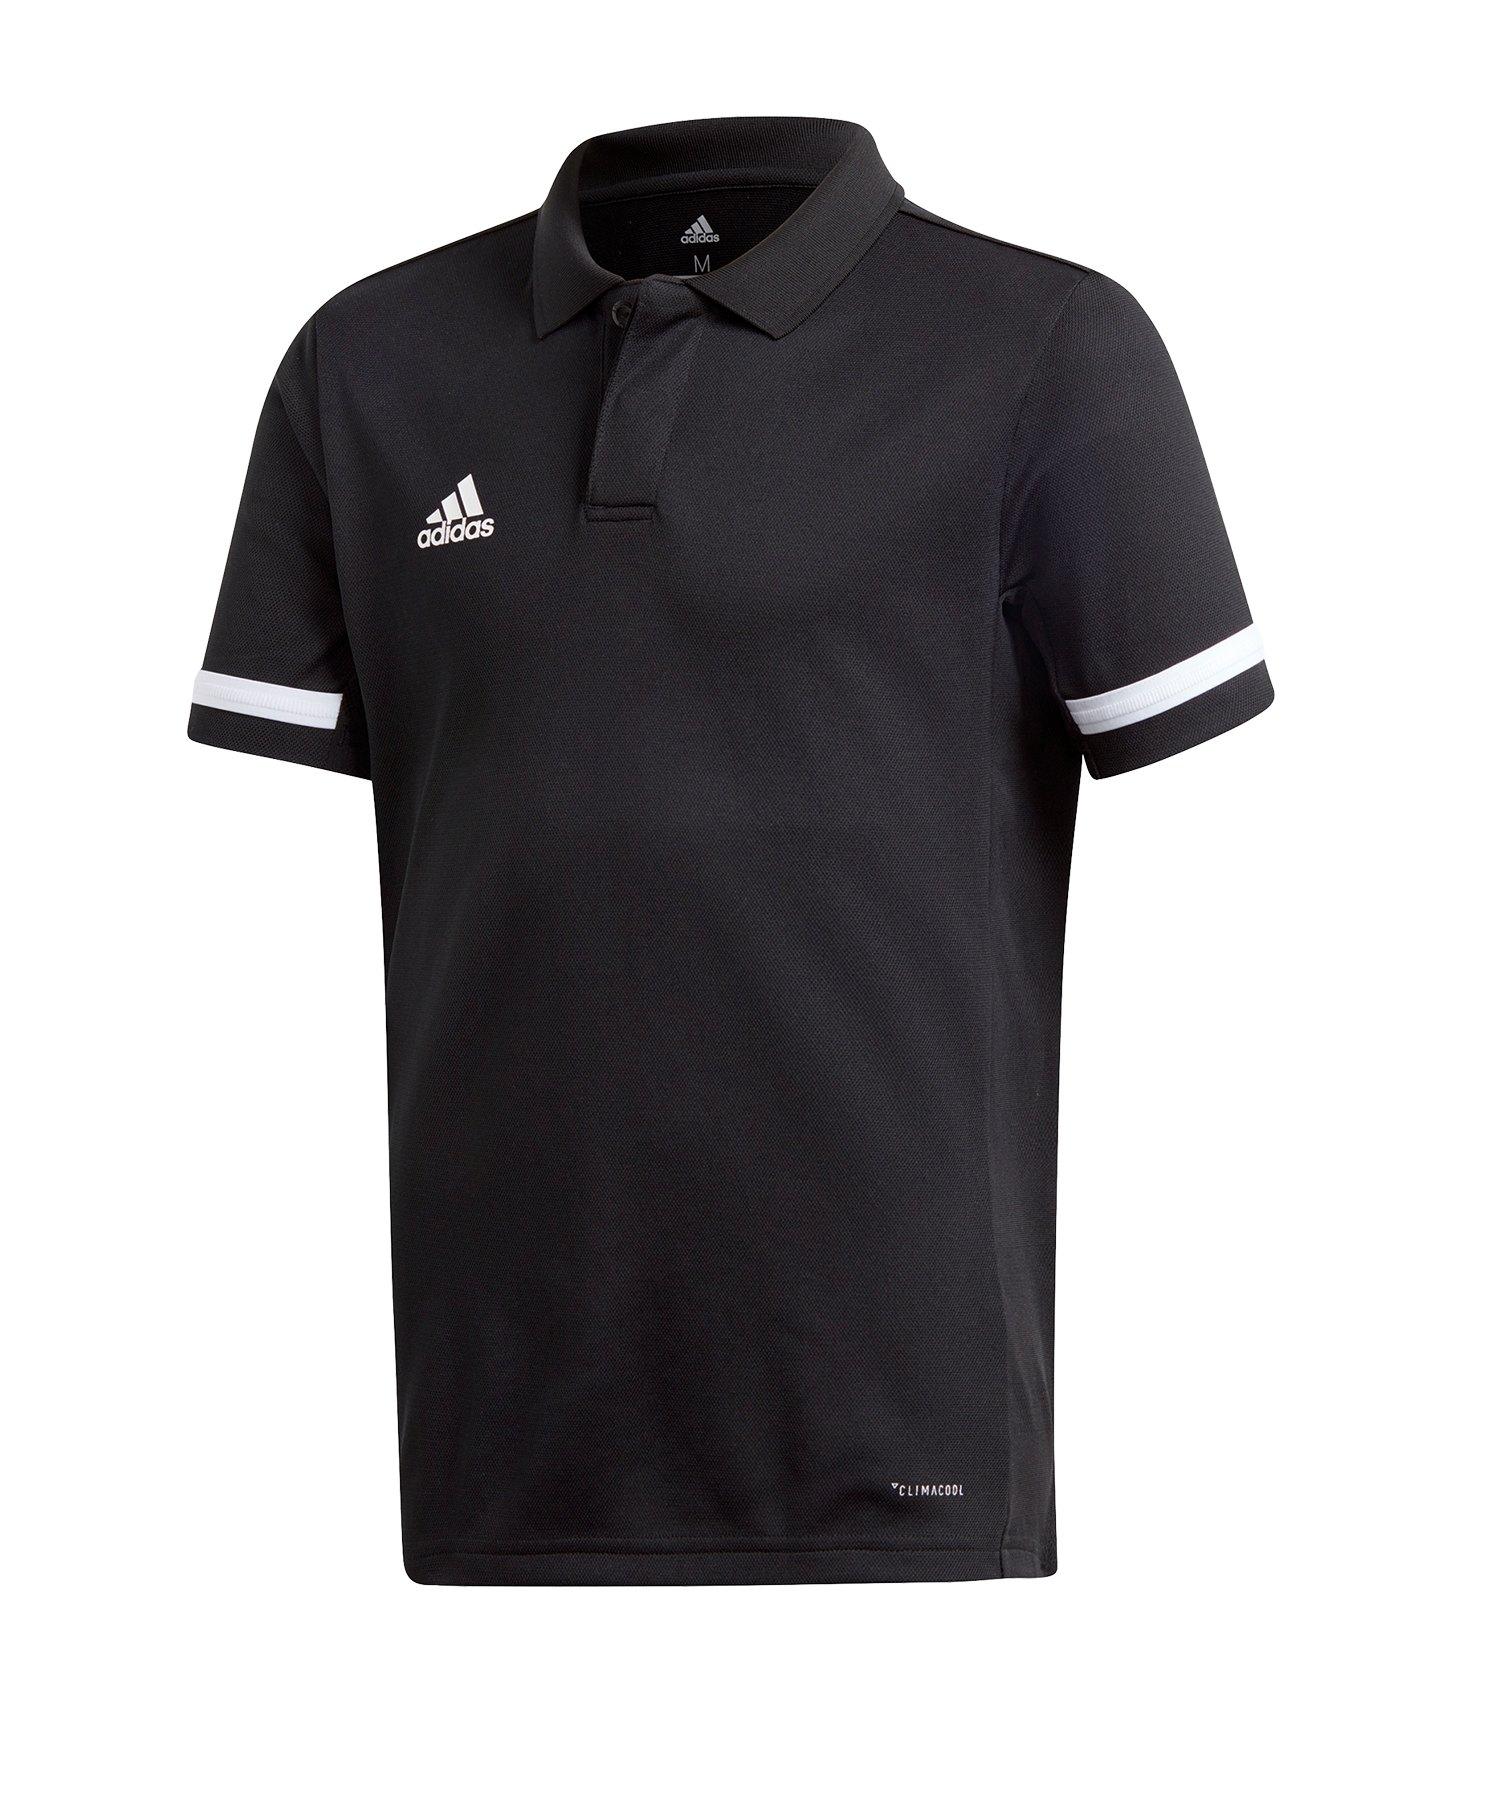 adidas Team 19 Poloshirt Kids Schwarz Weiss - schwarz